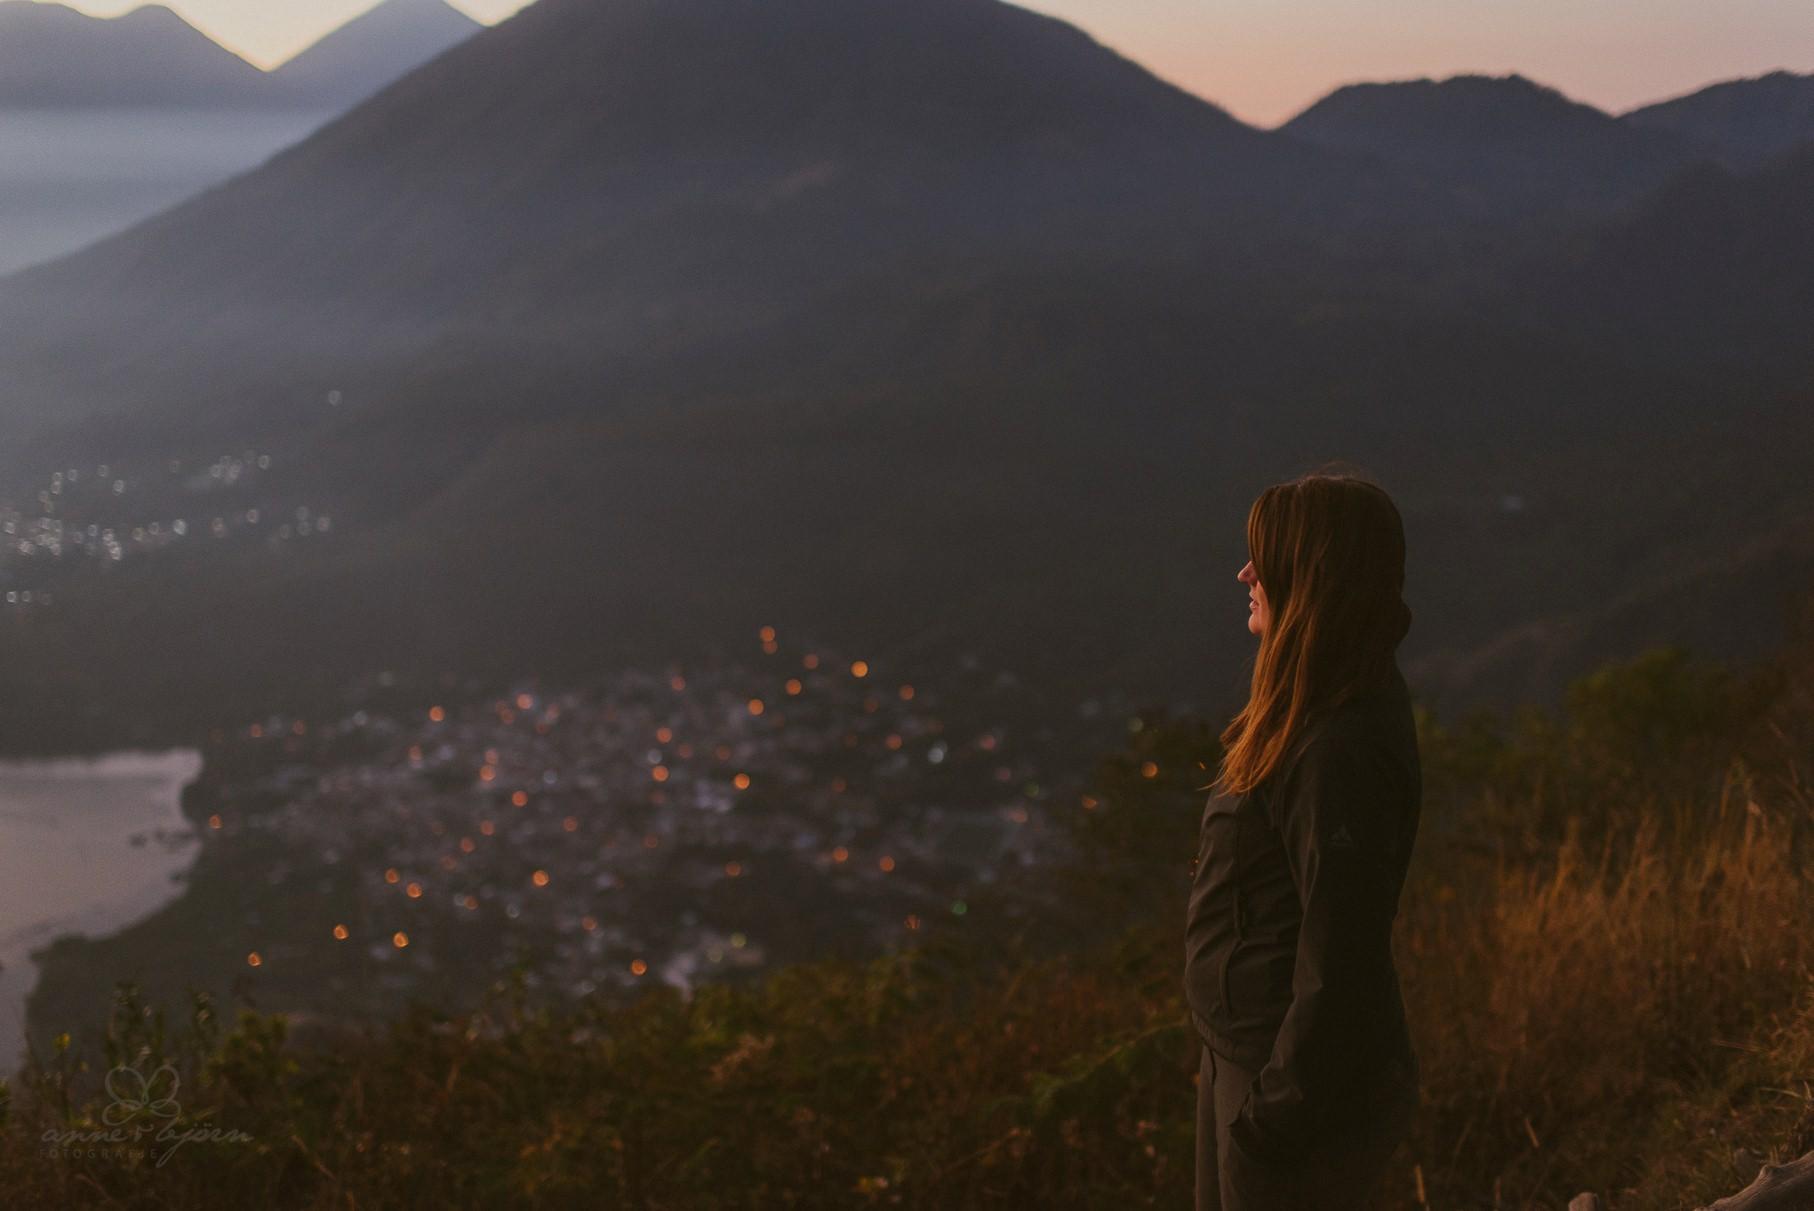 0160 anne und bjoern guatemala 811 3559 - 4 Wochen durch Guatemala - backpacking durch Mittelamerika